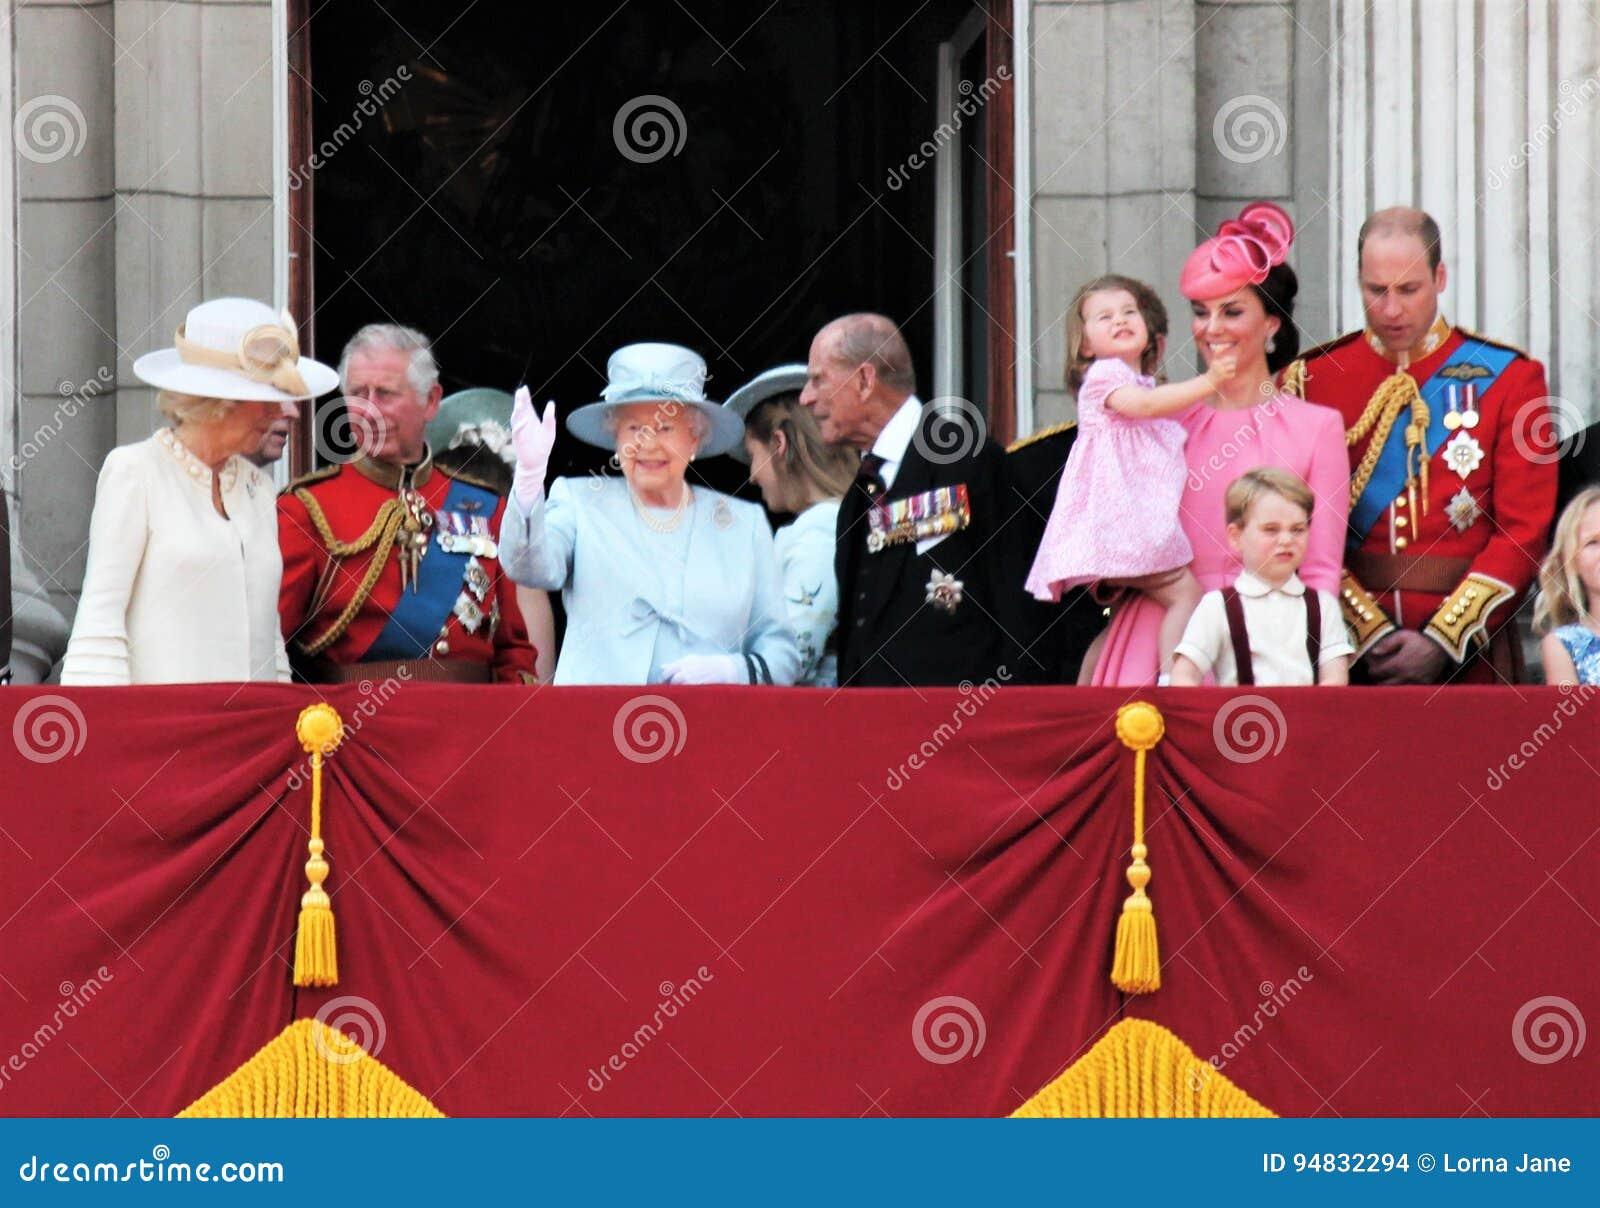 Królowa Elizabeth & rodzina królewska, buckingham palace, Londyński Czerwiec 2017 - Gromadzić się Colour książe George William, h